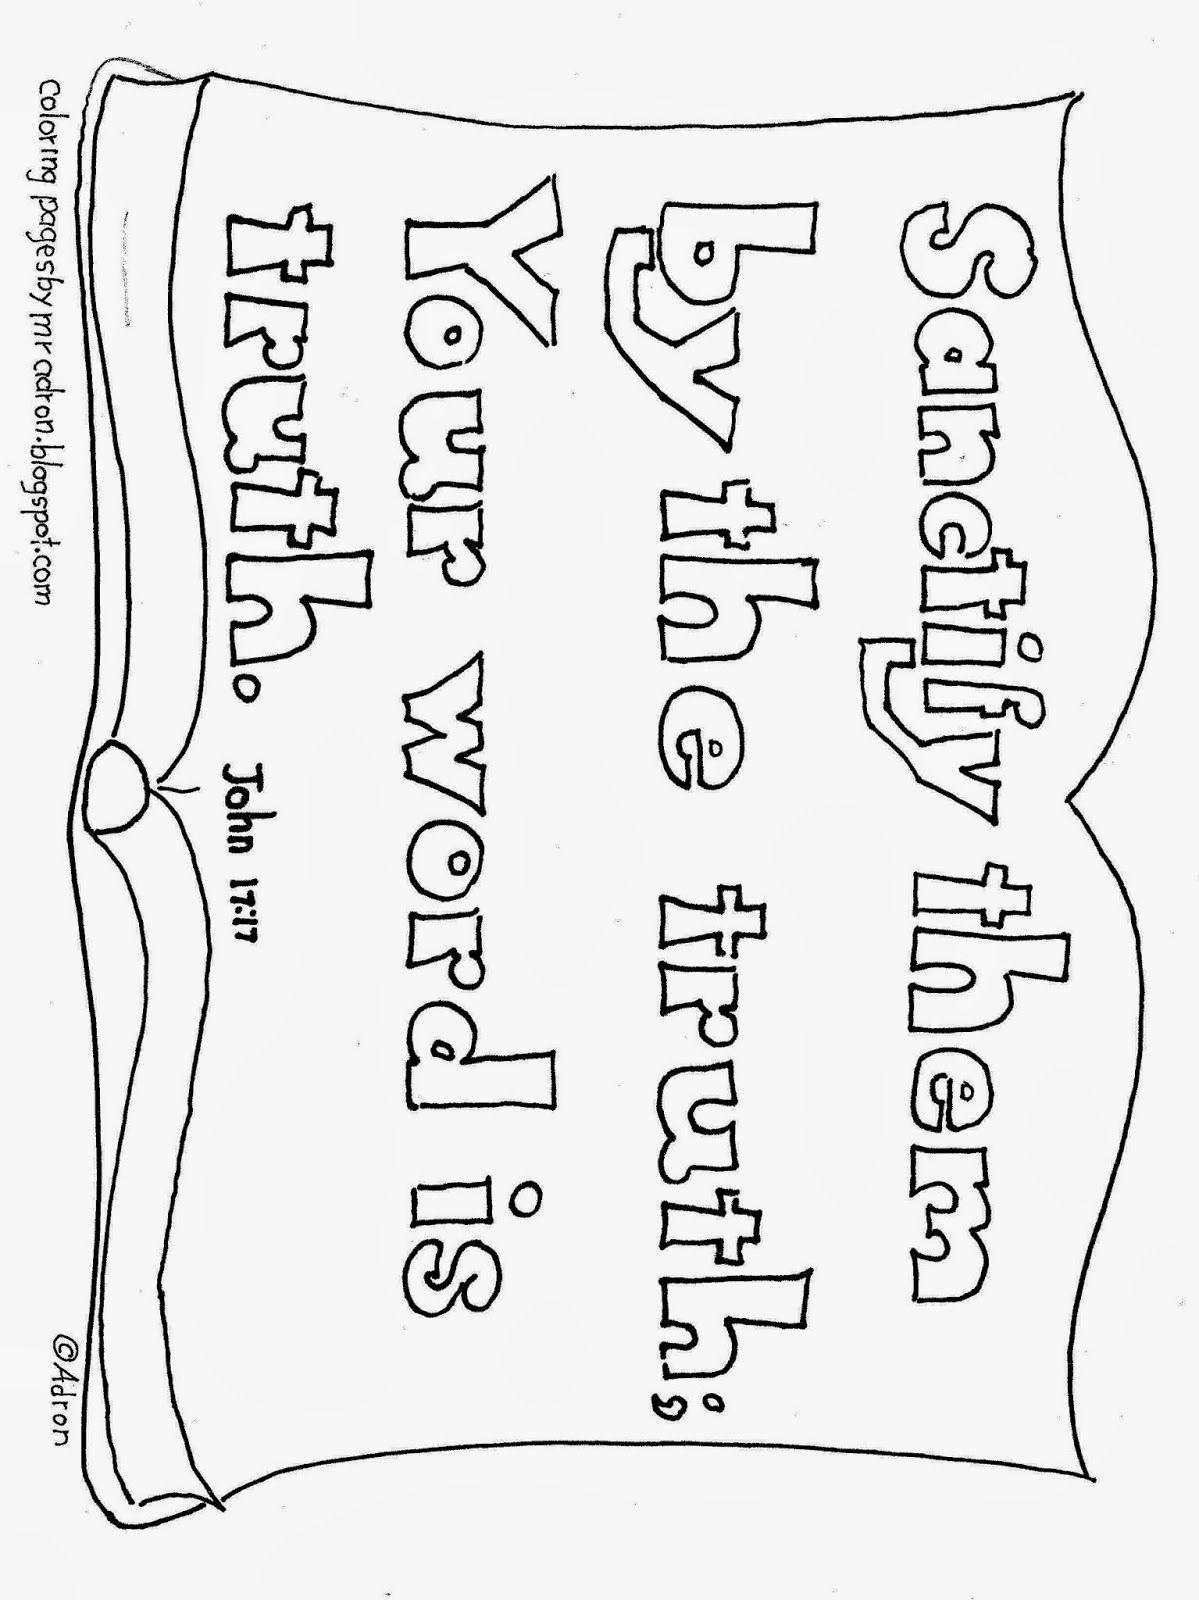 John 17 17 Coloring Page See More At My Blogger